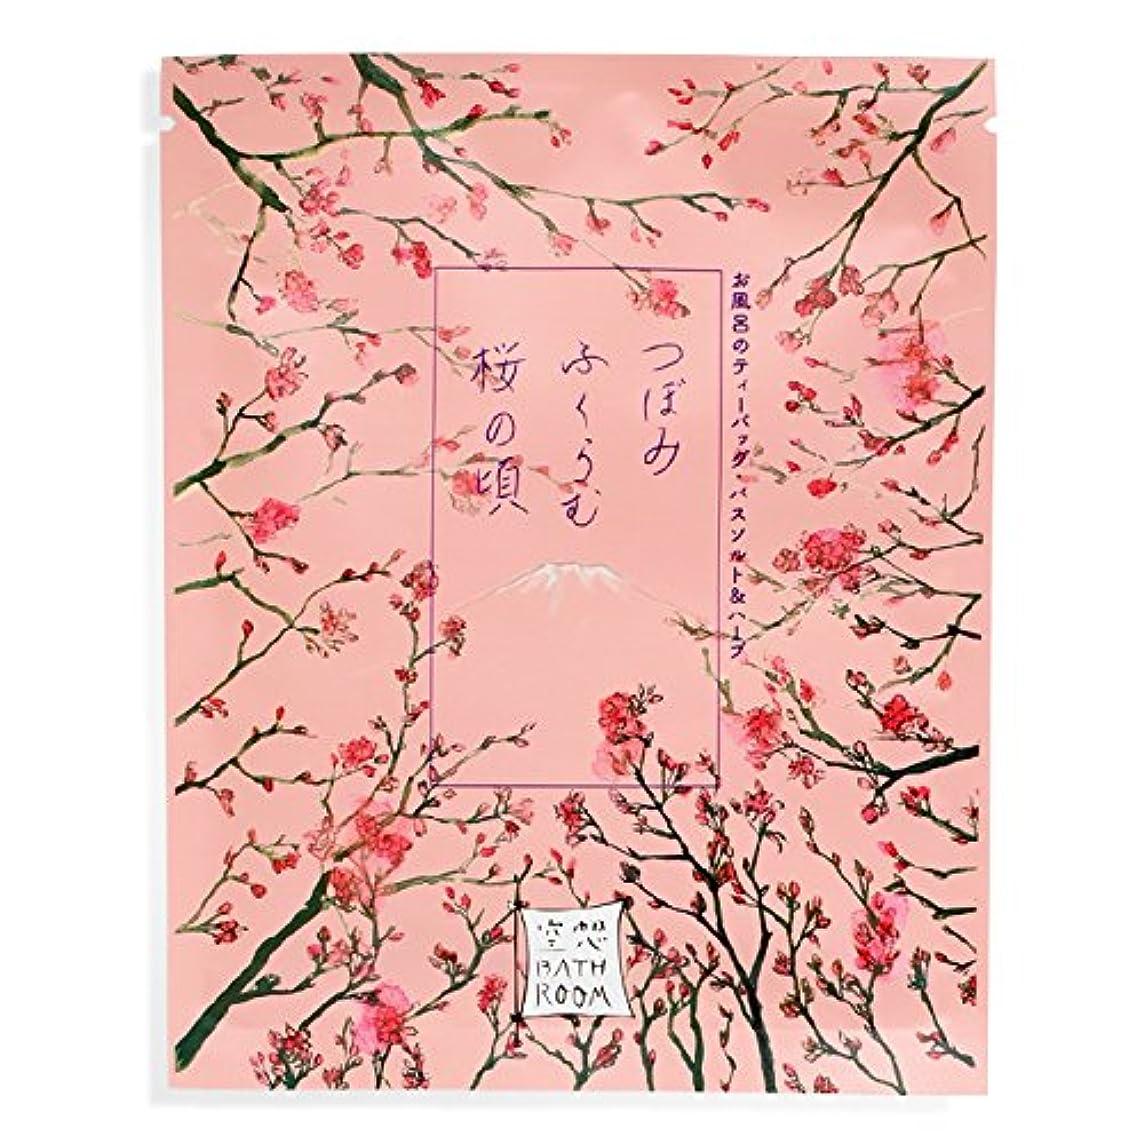 シンク条件付き排出チャーリー 空想バスルーム つぼみふくらむ桜の頃 30g